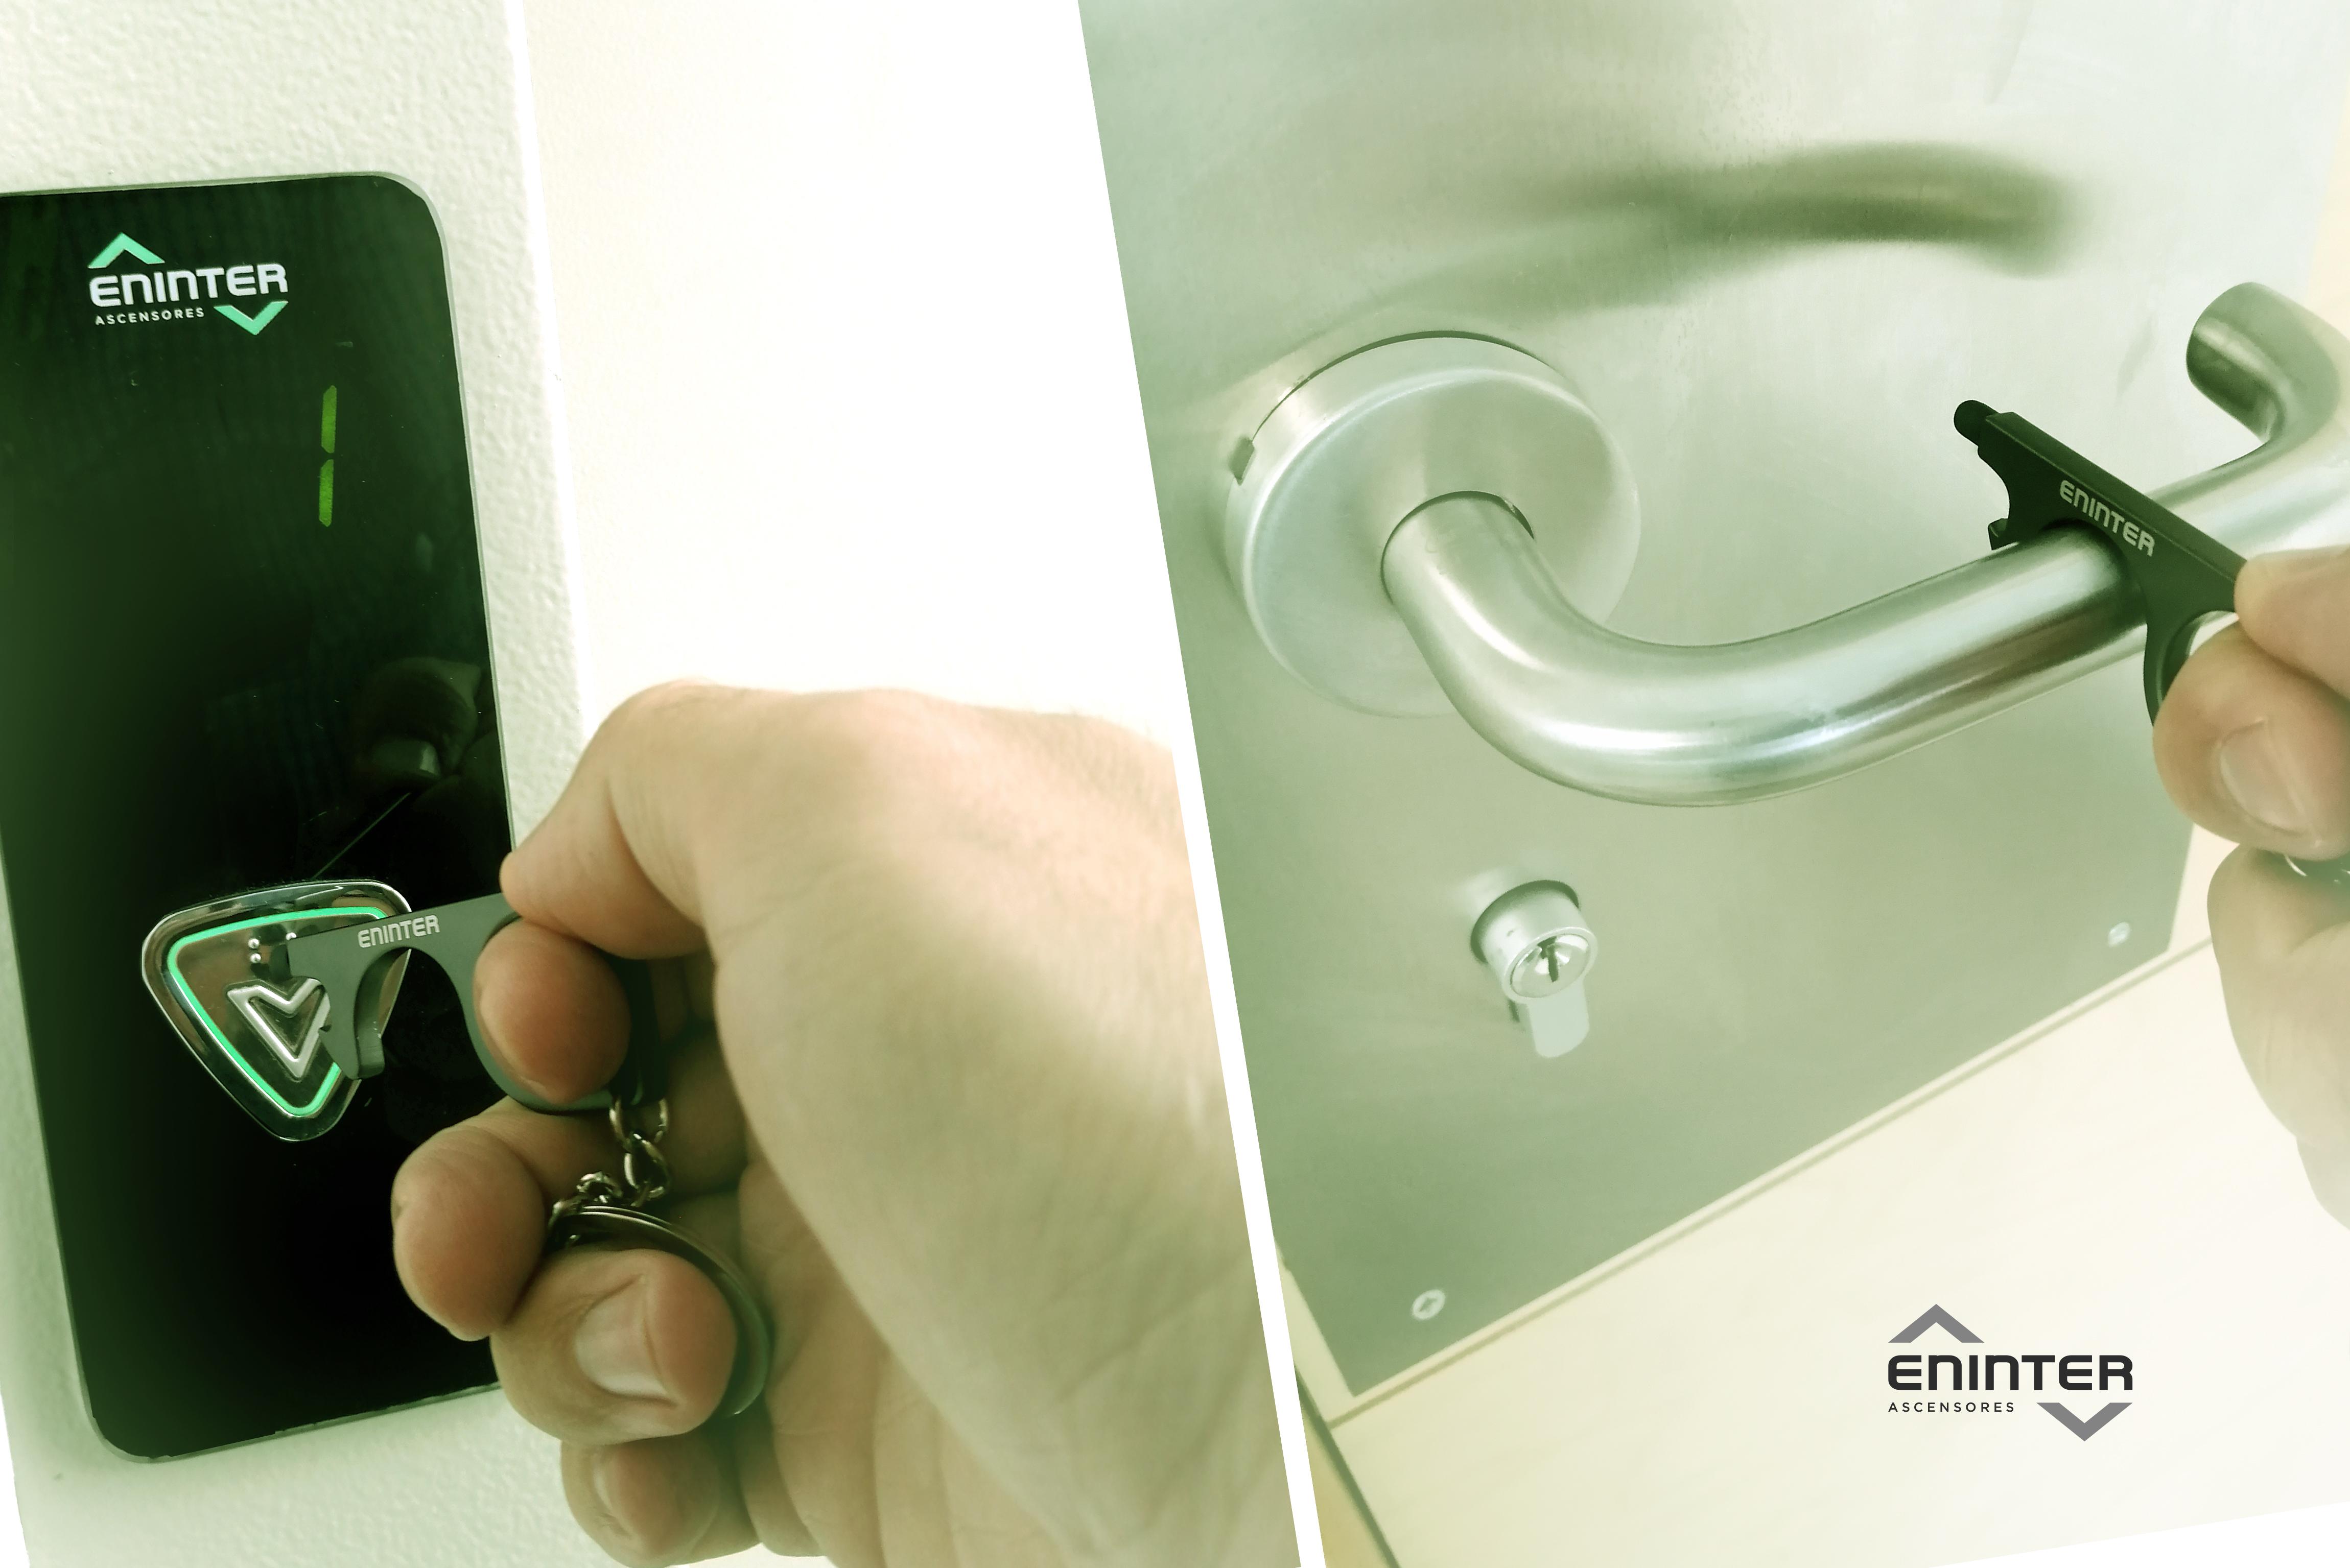 llave seguridad eninter